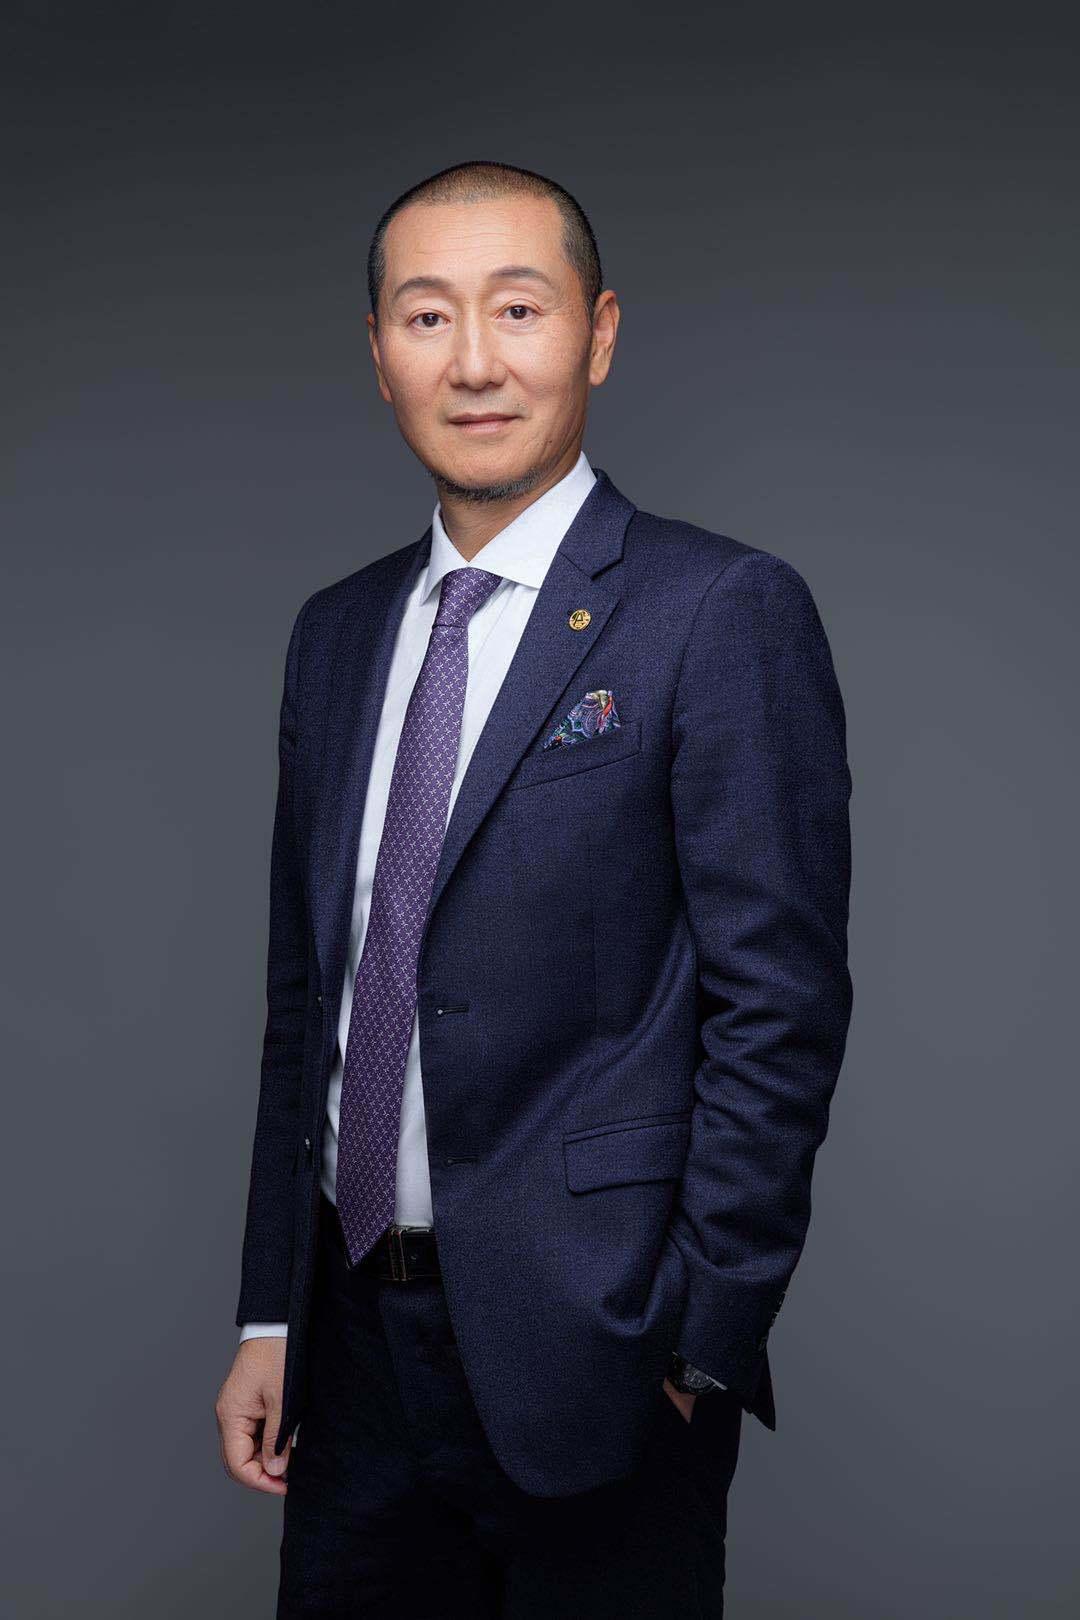 平安健康险董事长兼CEO杨铮:健康管理对医疗险续保、理赔有较大的正向影响